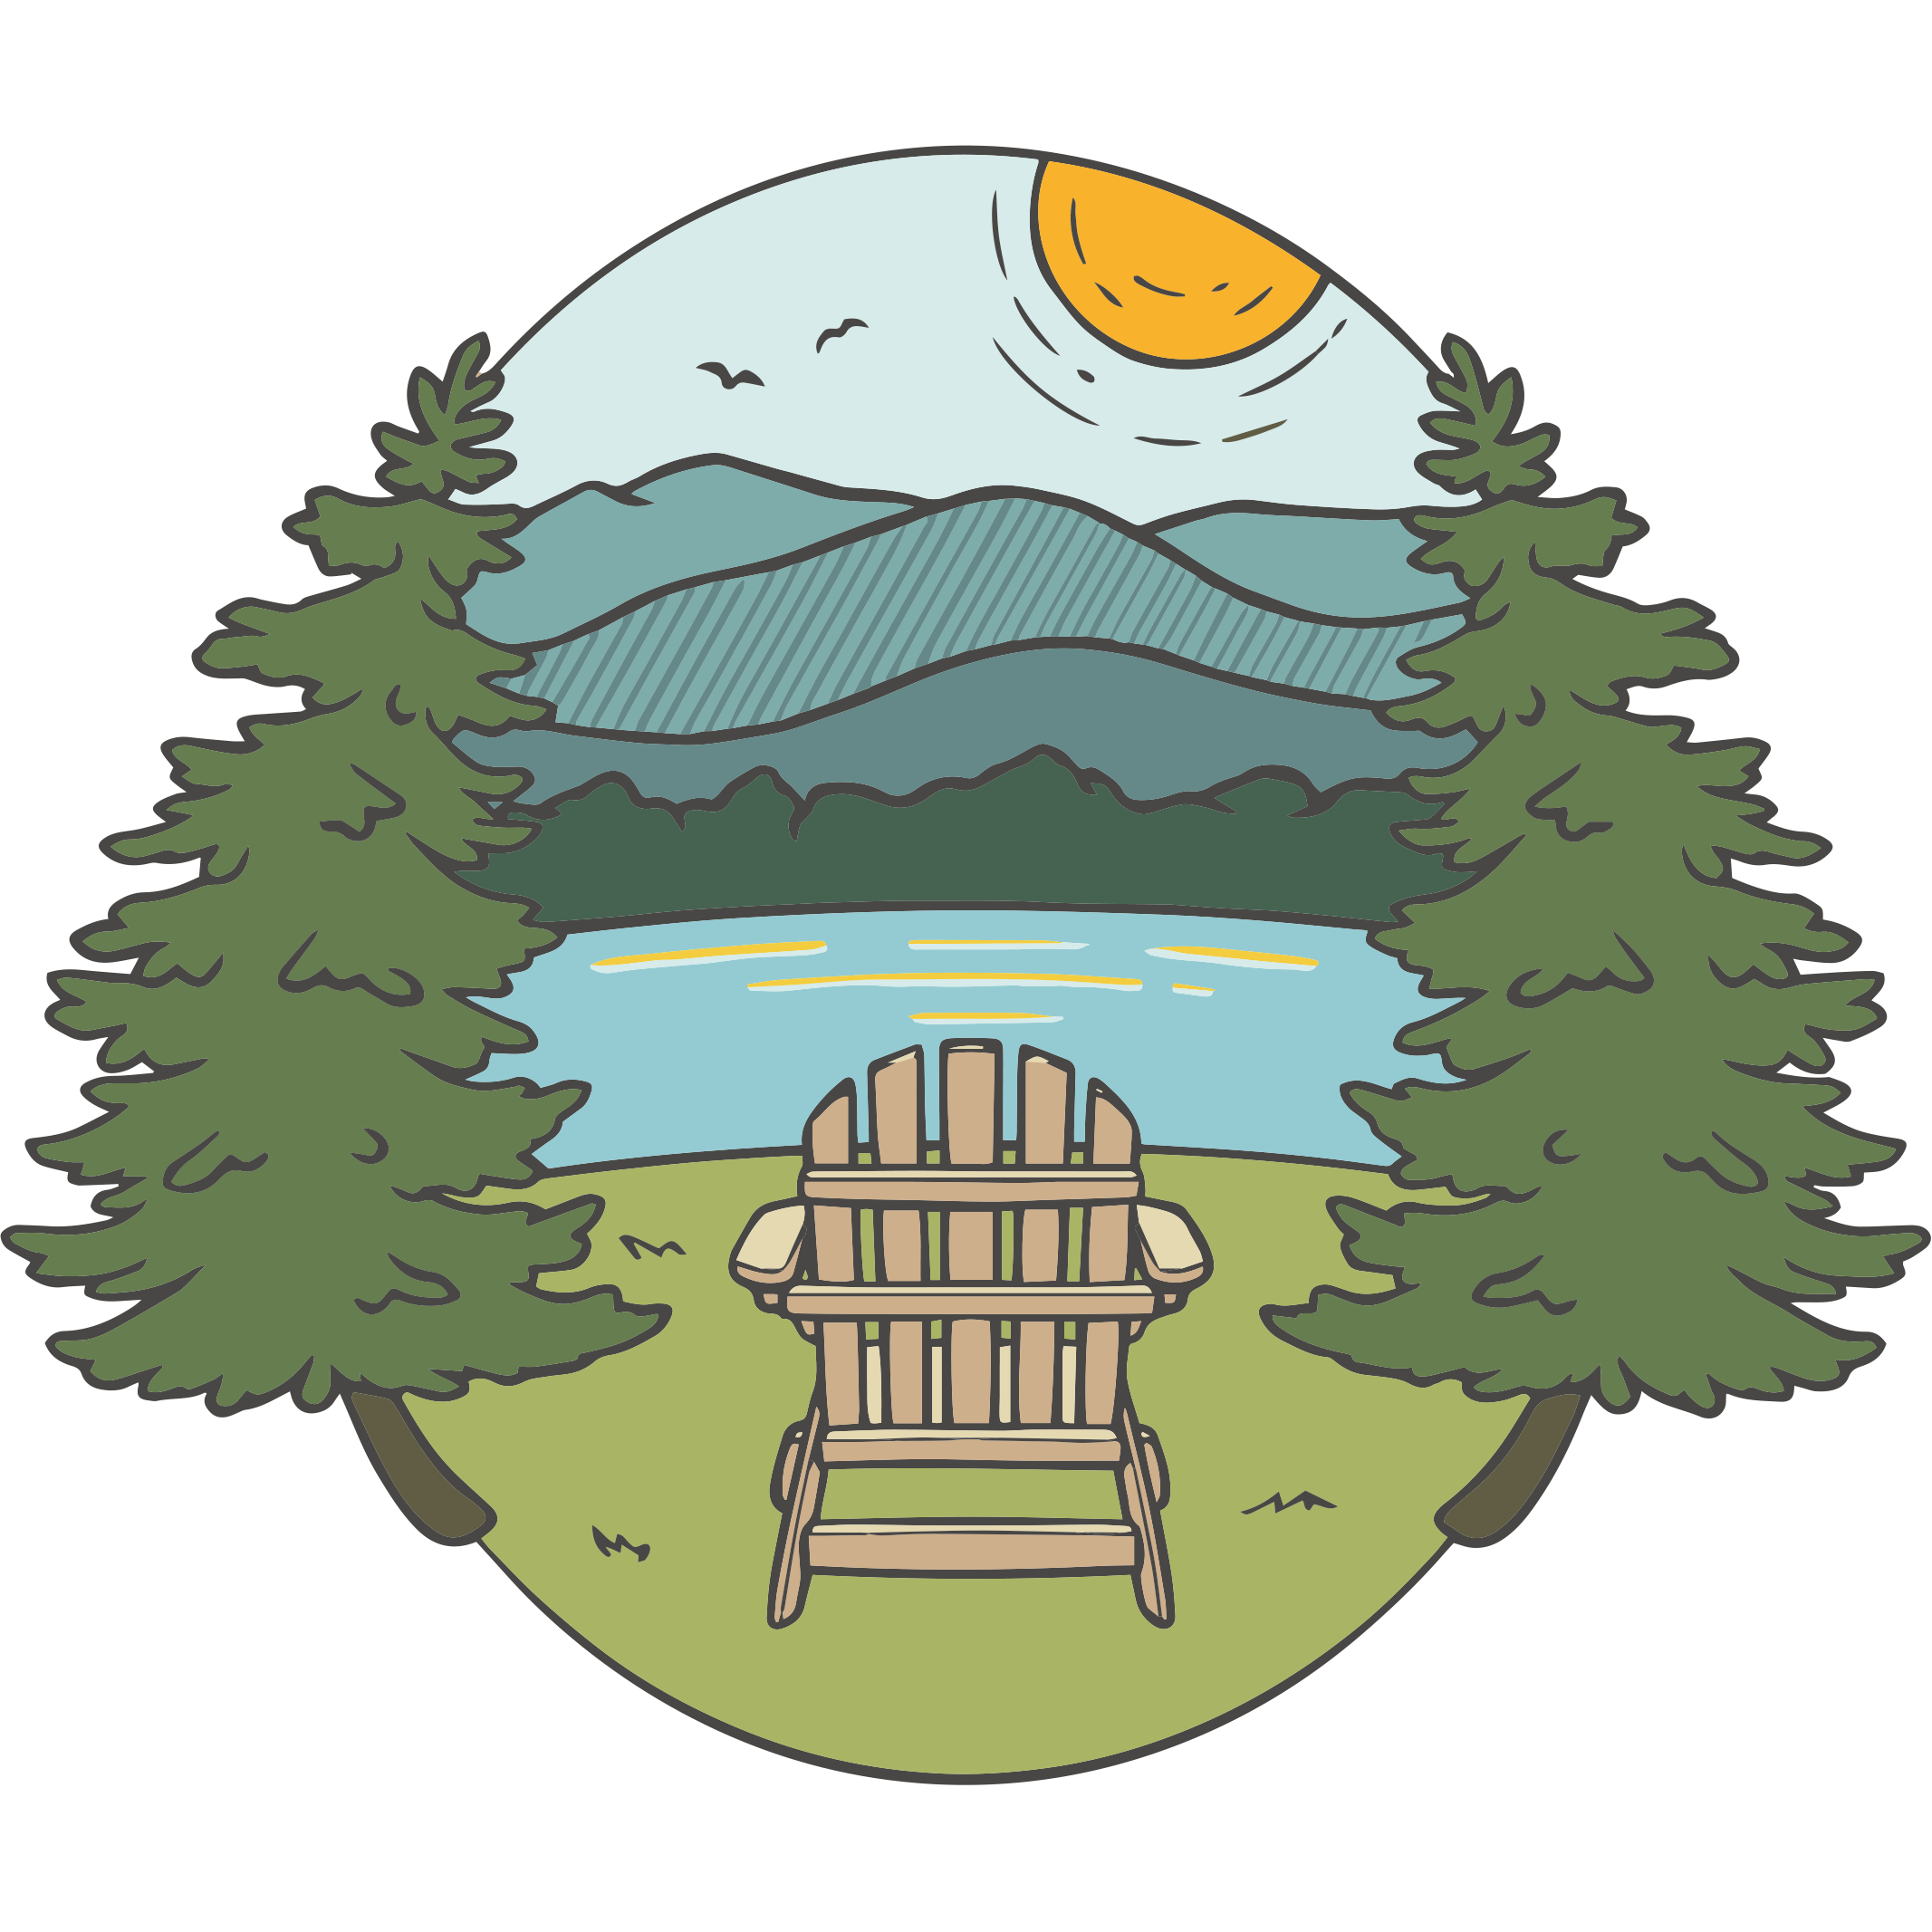 The Orendaga Cabins & Suites